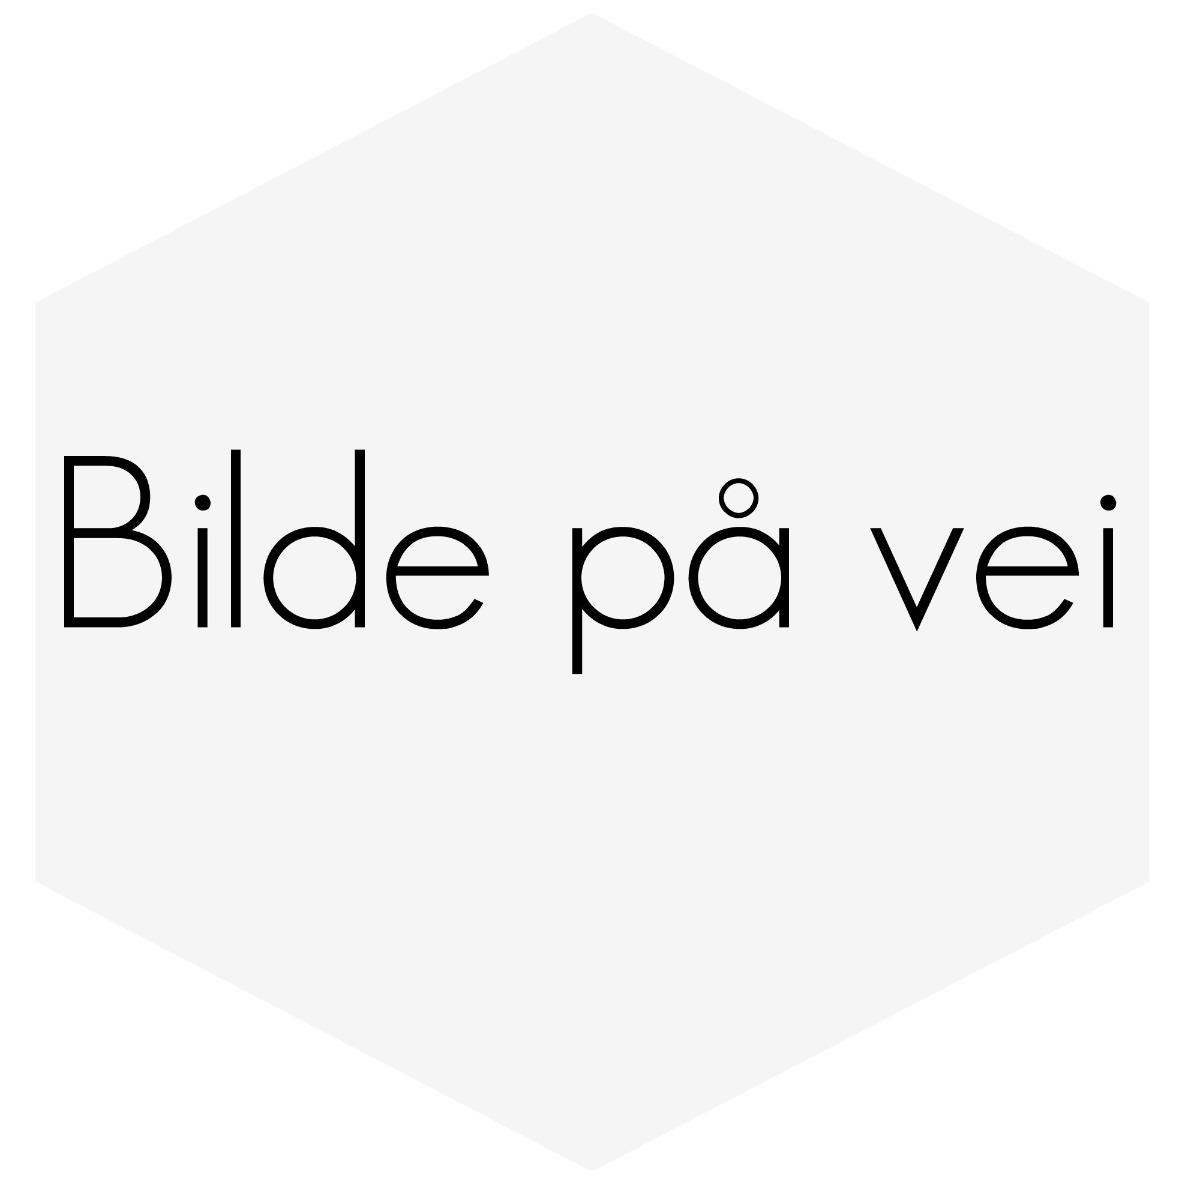 DEKK VINTER PIGG 225/45-17 VREDESTEIN WINTRAC ICE TILBUDSPRI